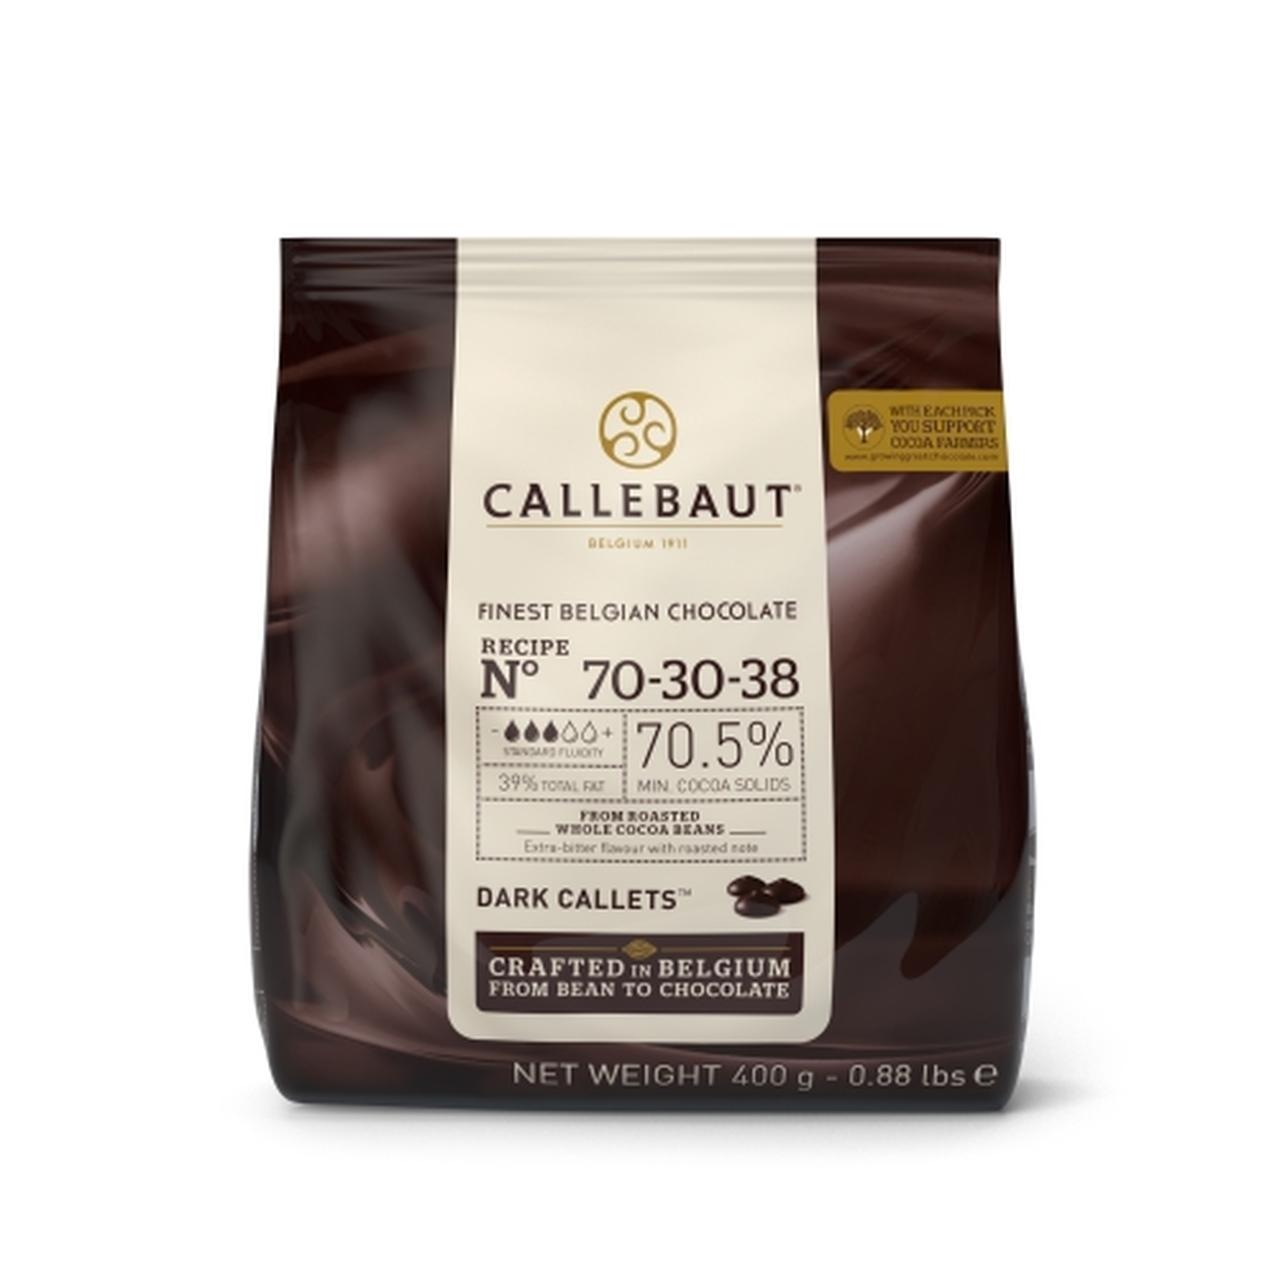 Callebaut 70 30 38 Chocolate Amargo 70,5% Callets 0,4kg